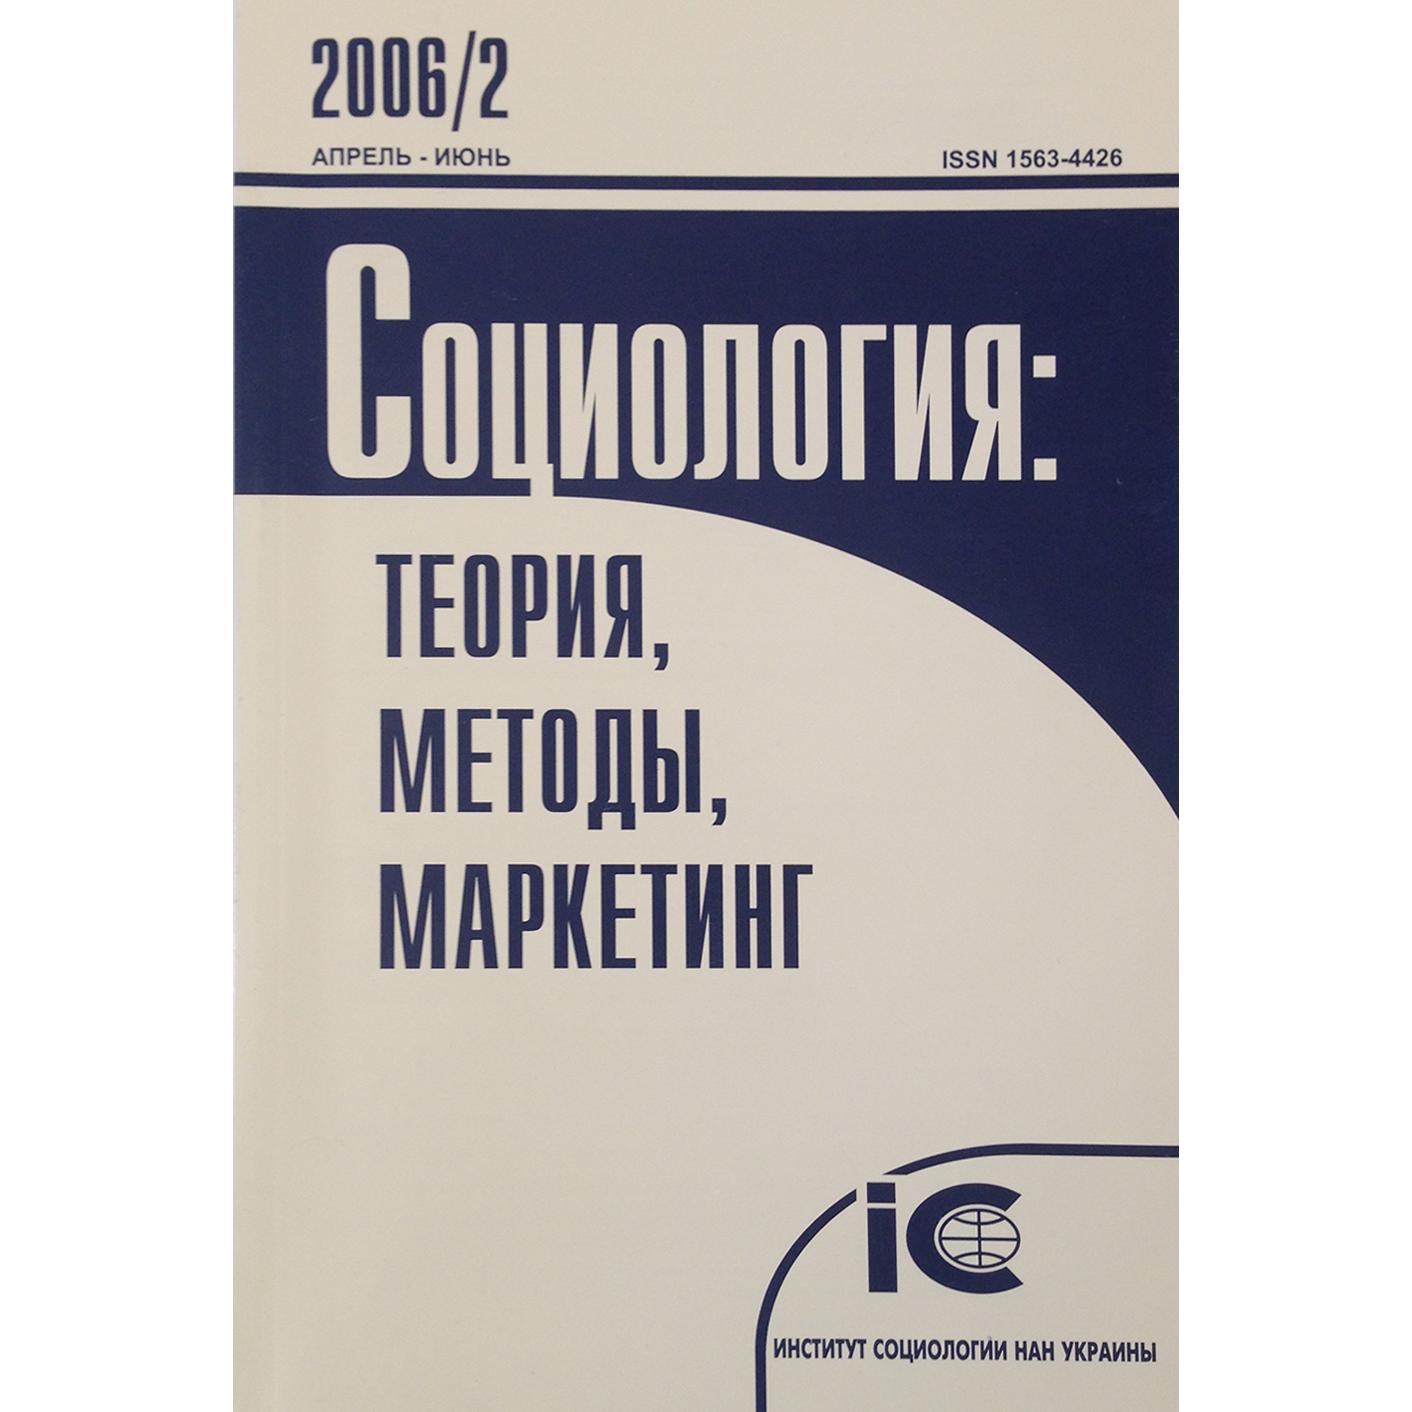 Рабочий класс в Украине: тренды рекомпозиции структуры